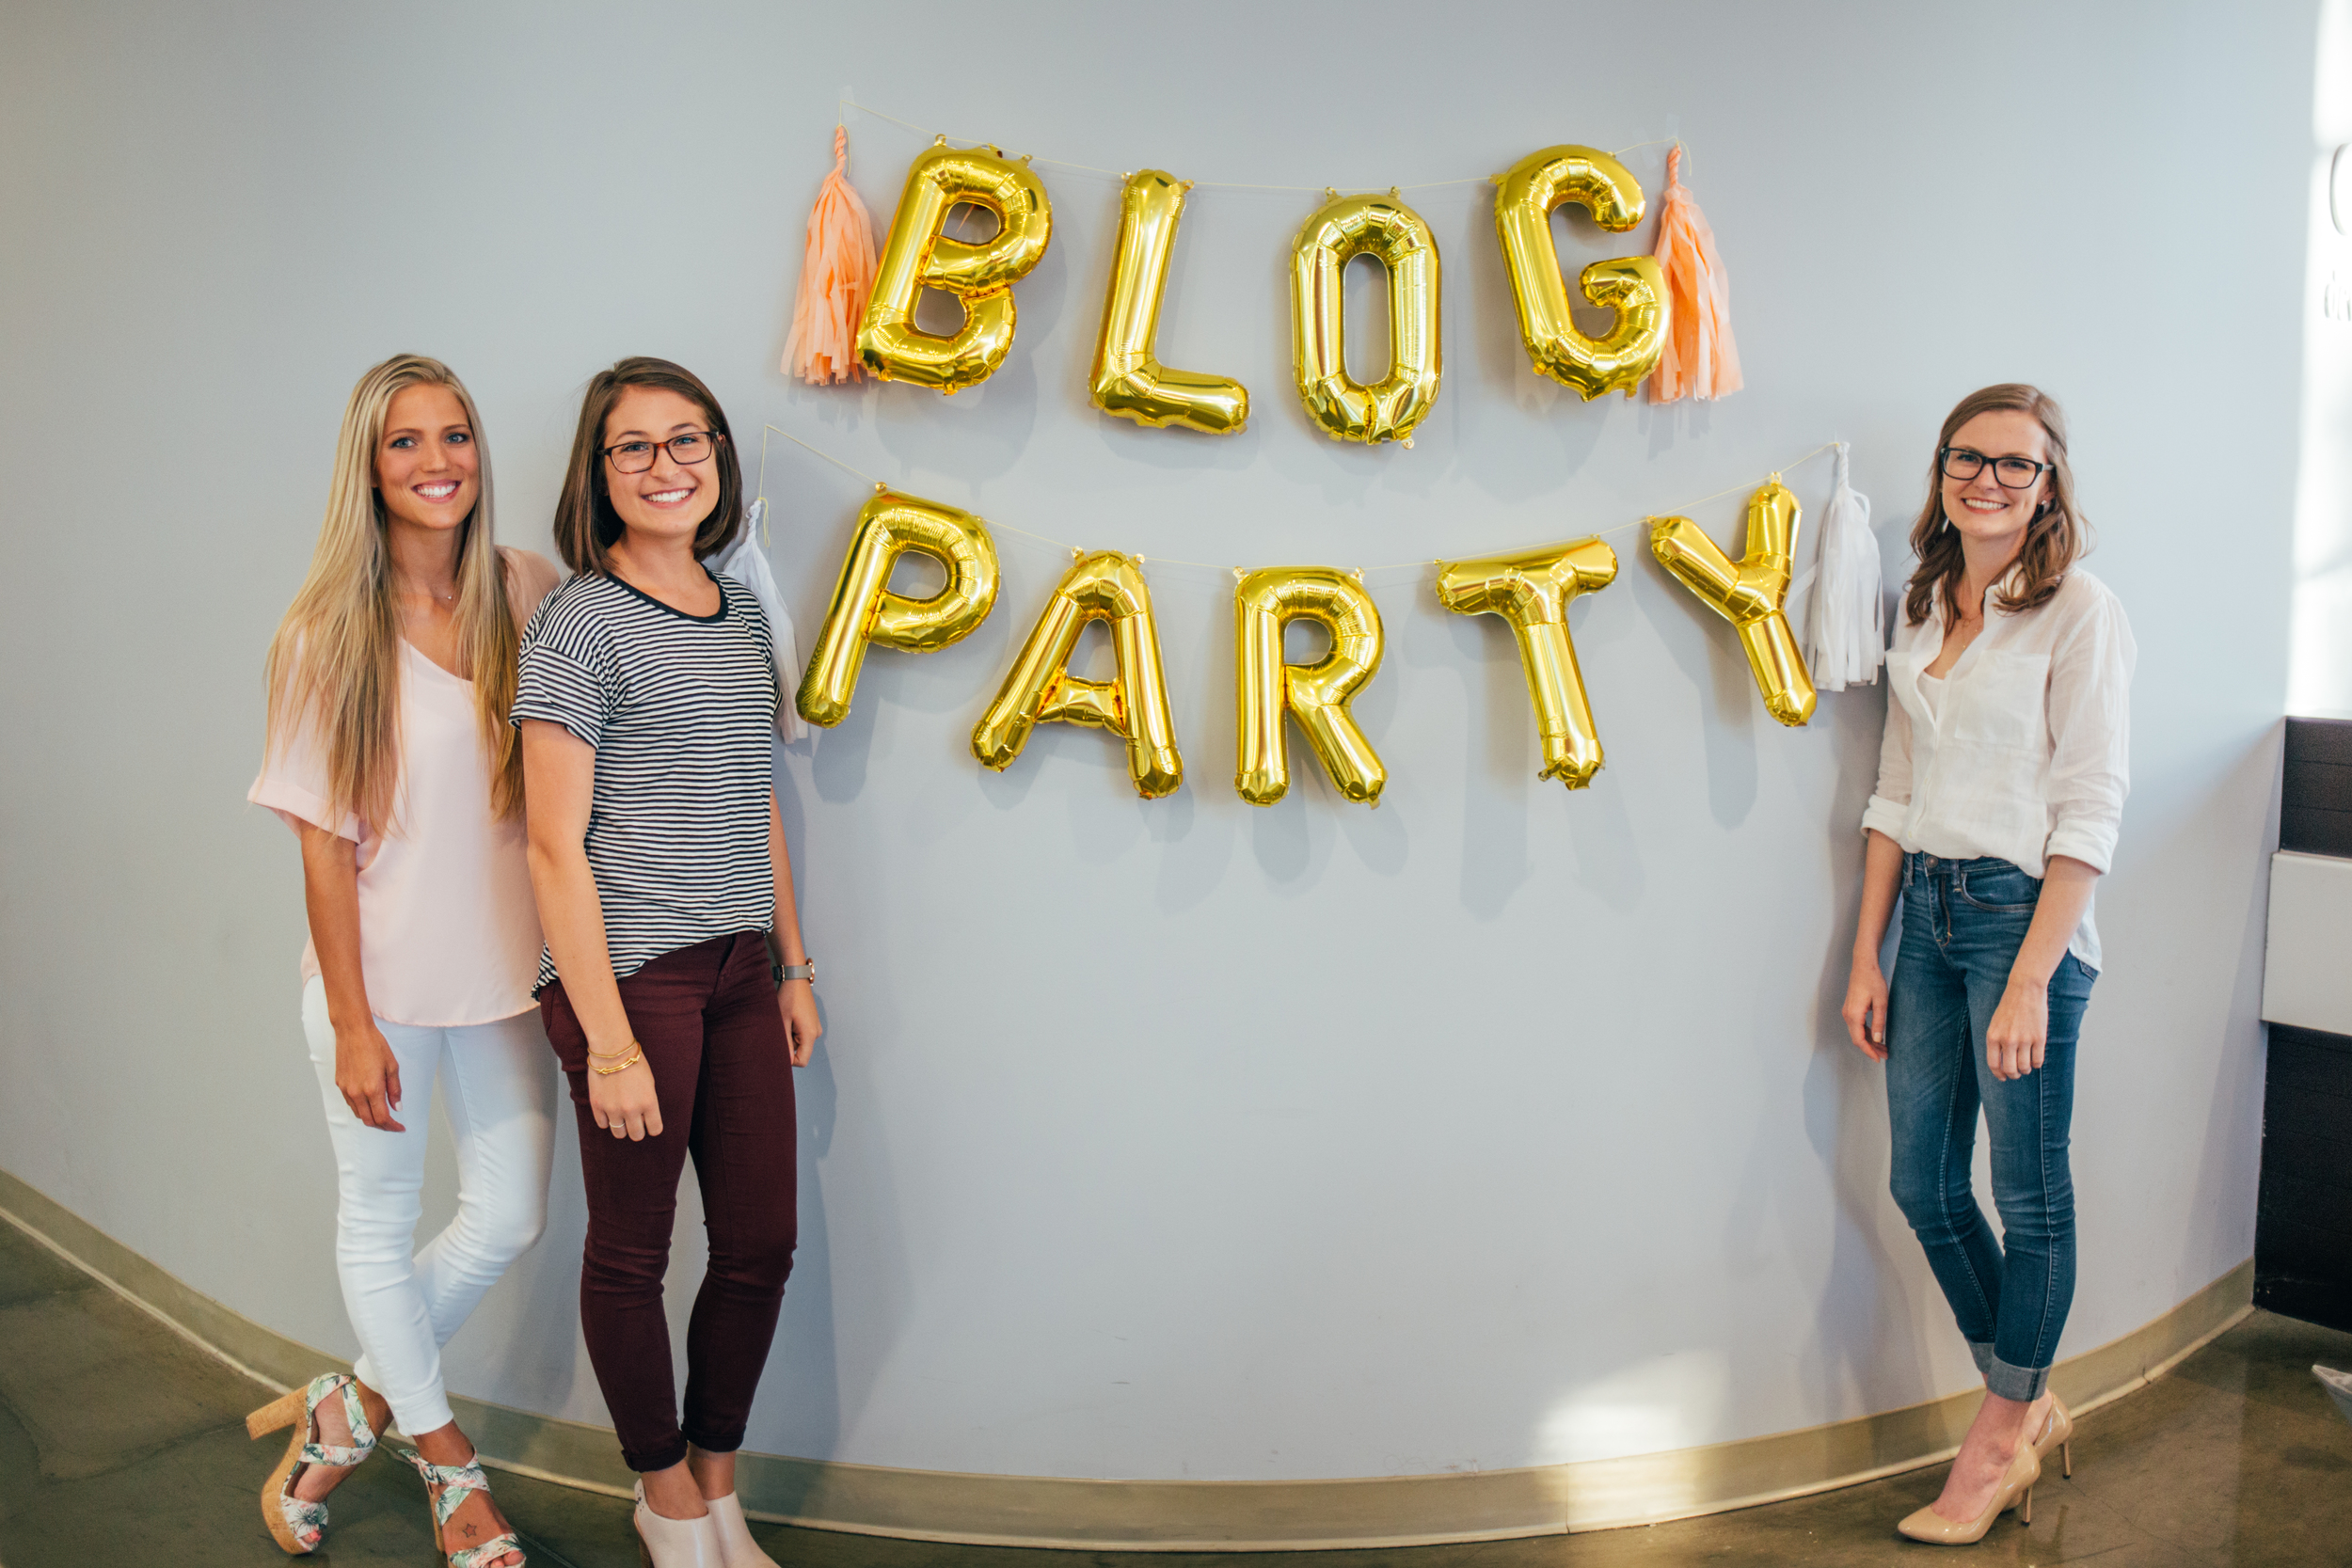 BLOG-PARTY-LA--58.jpg